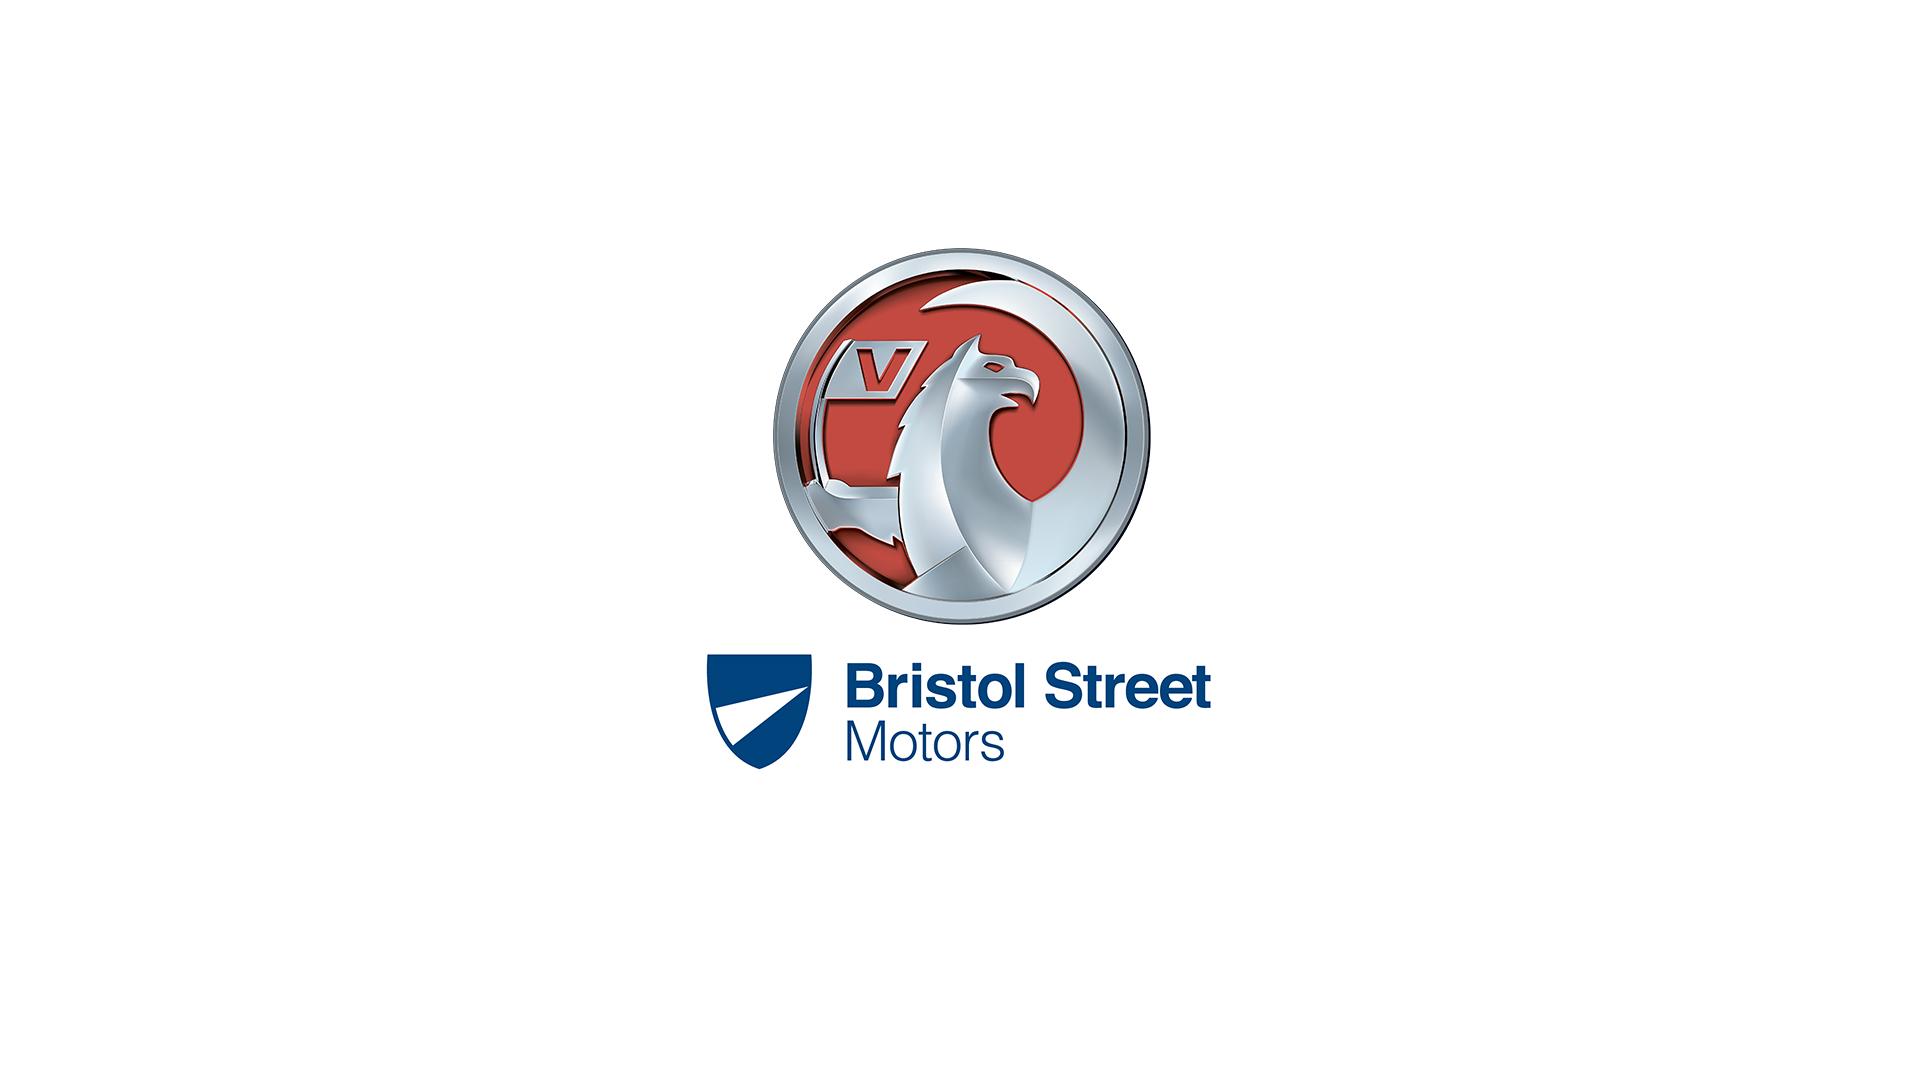 Bristol Street Motors Vauxhall Macclesfield